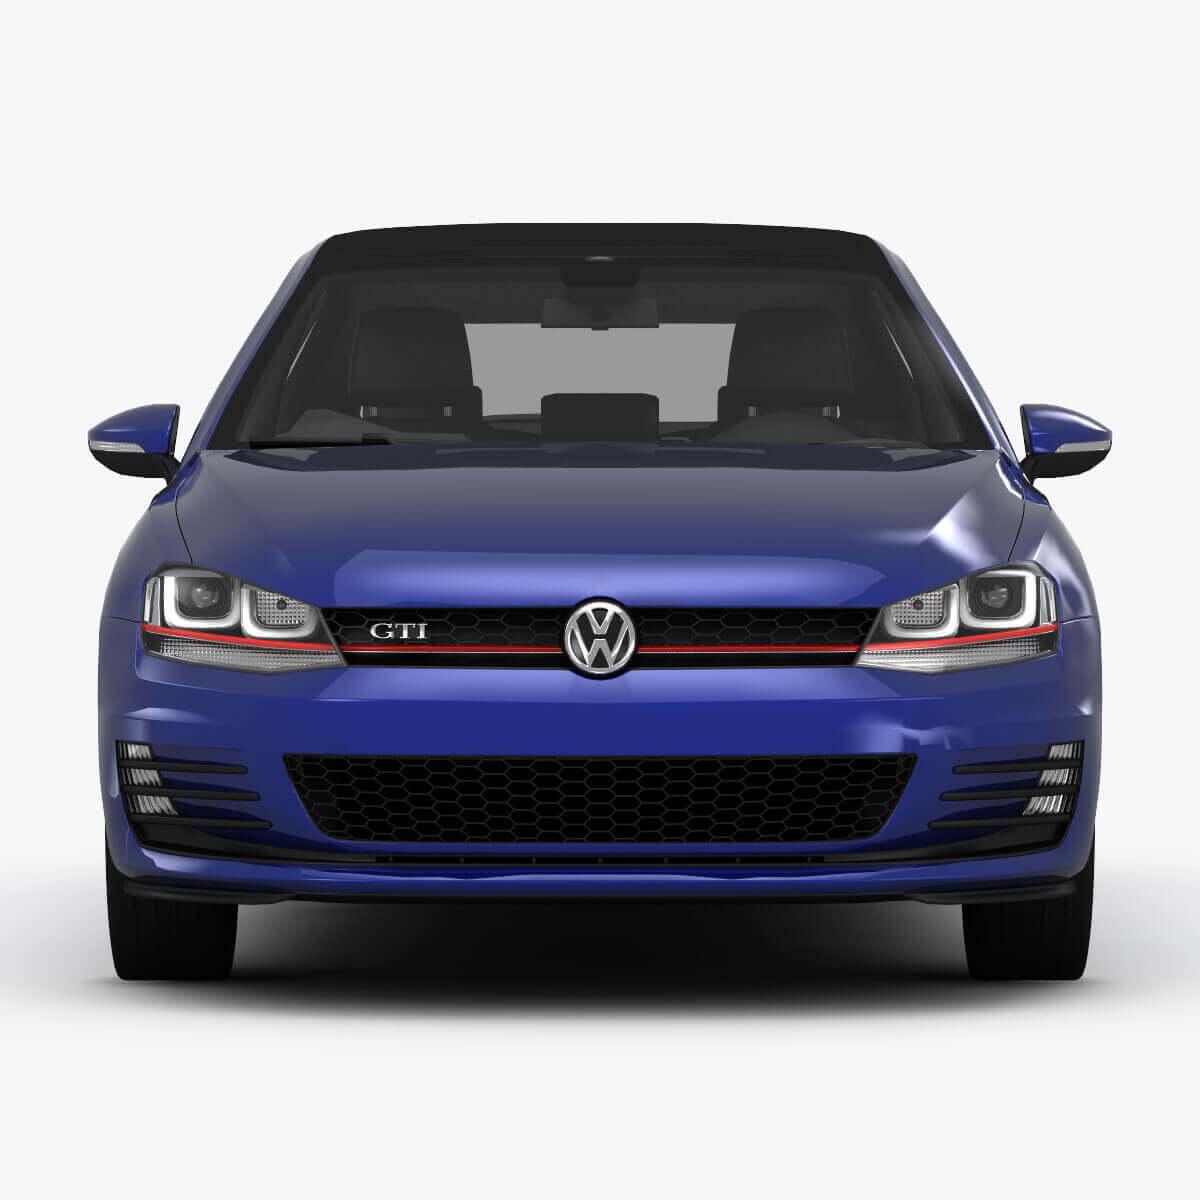 2019 Volkswagen Golf Gti 5 Door